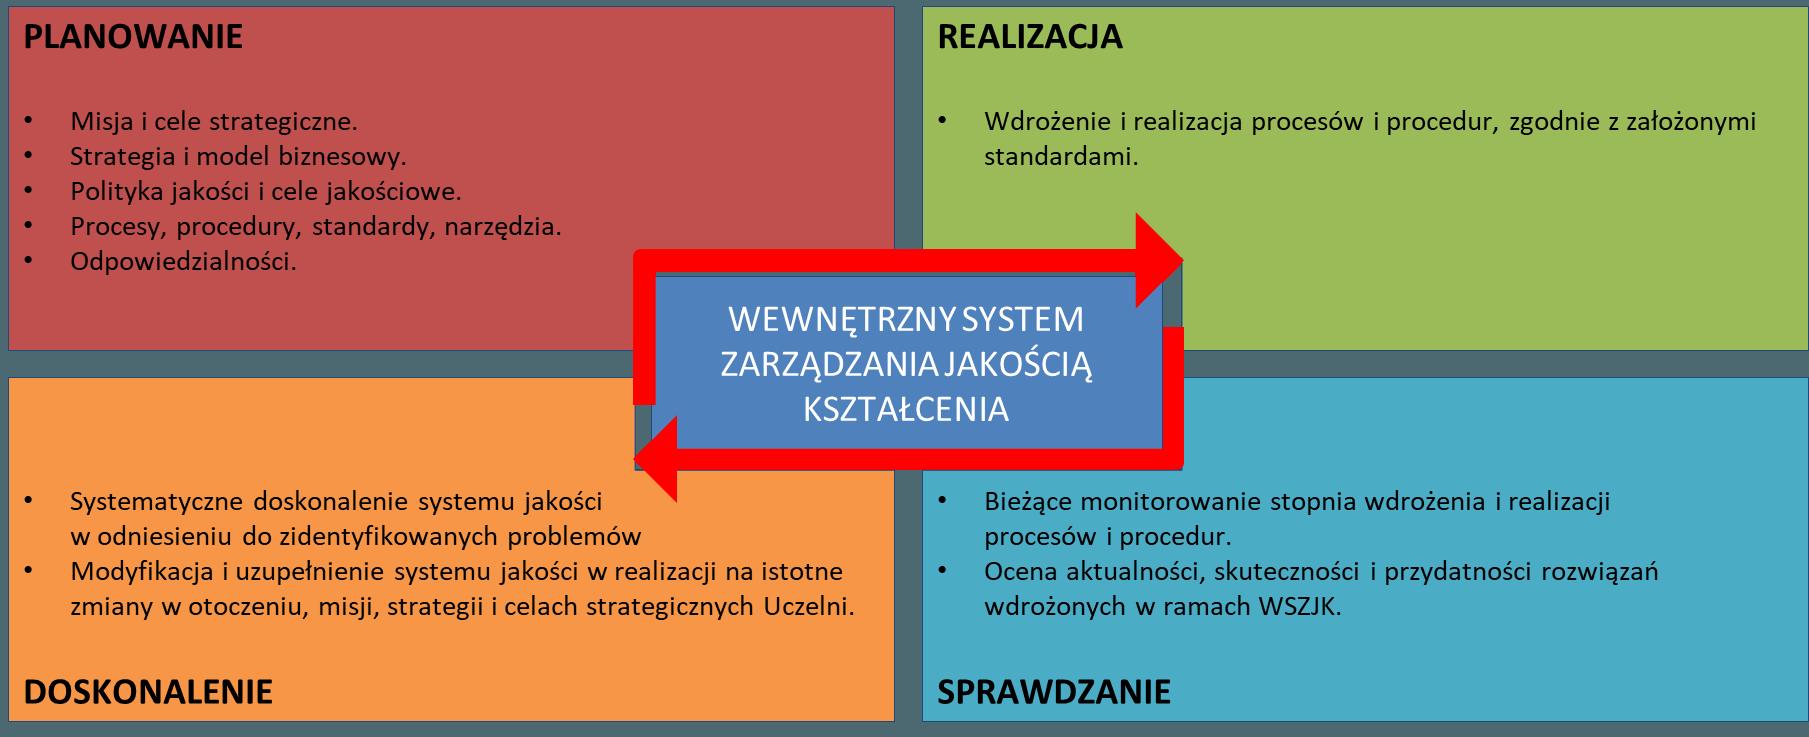 System jakości kształcenia image1